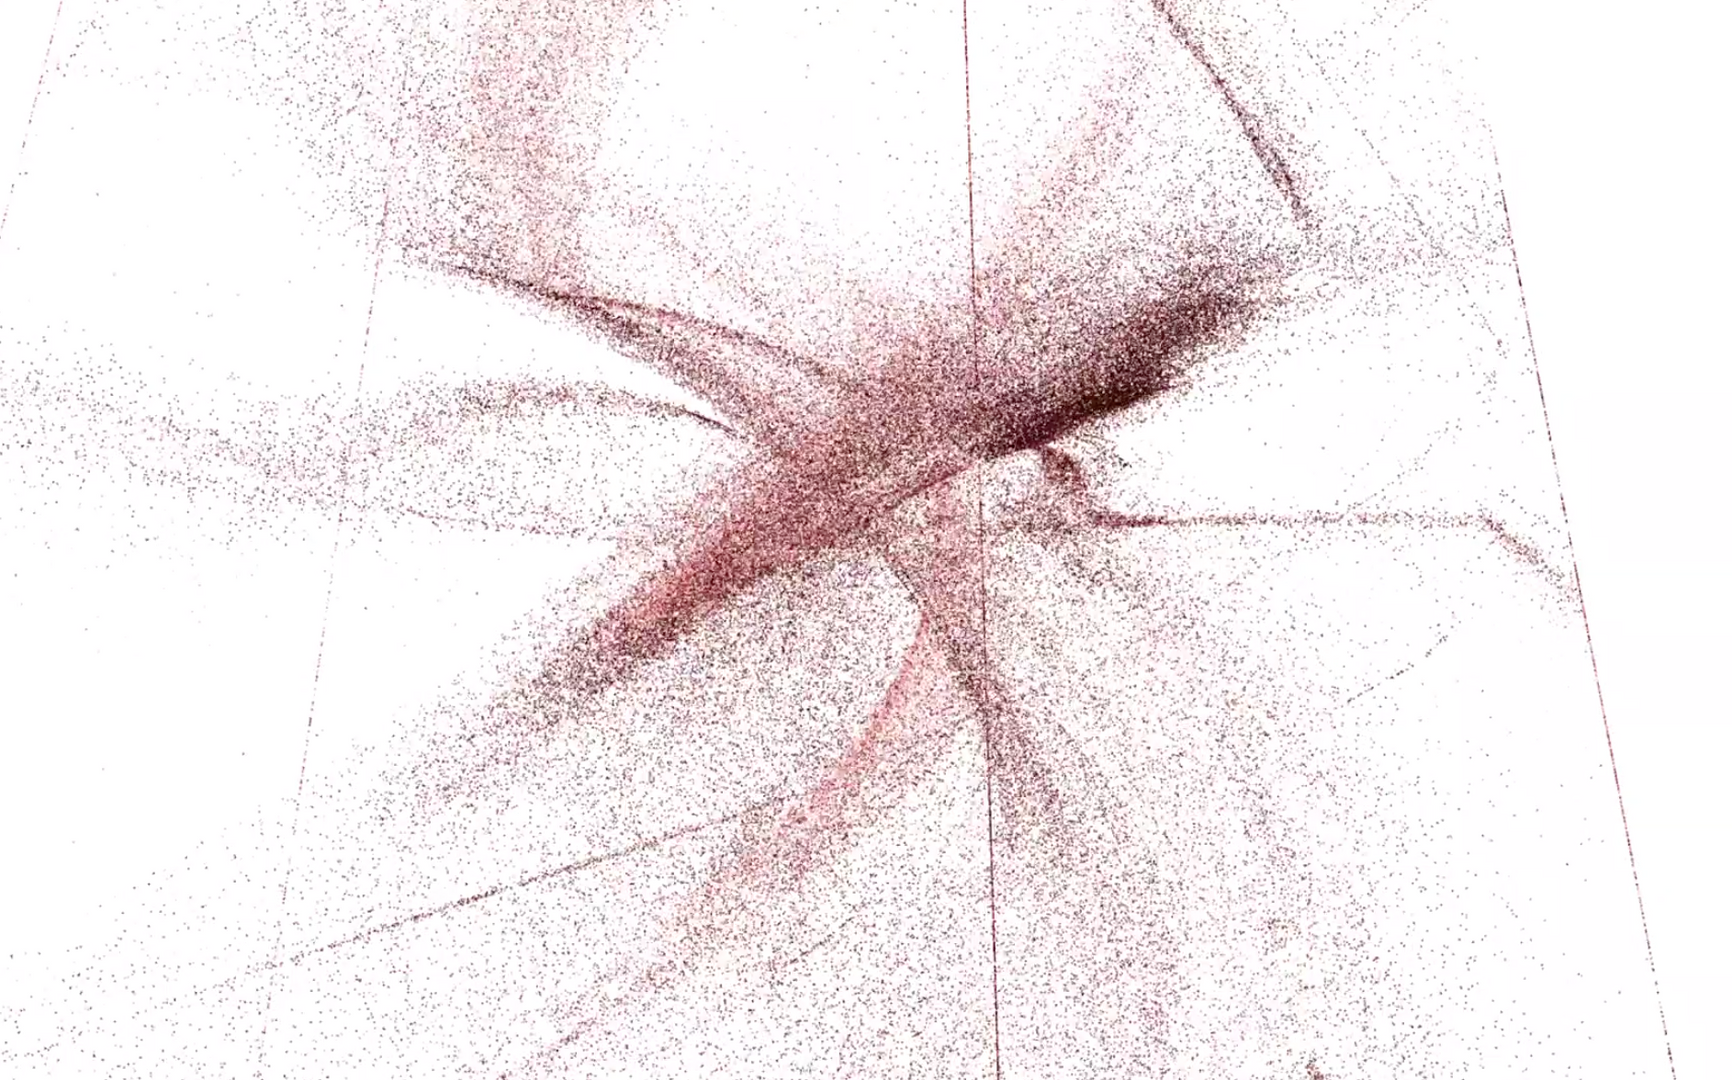 Screen Shot 2019-01-28 at 7.03.04 PM.png